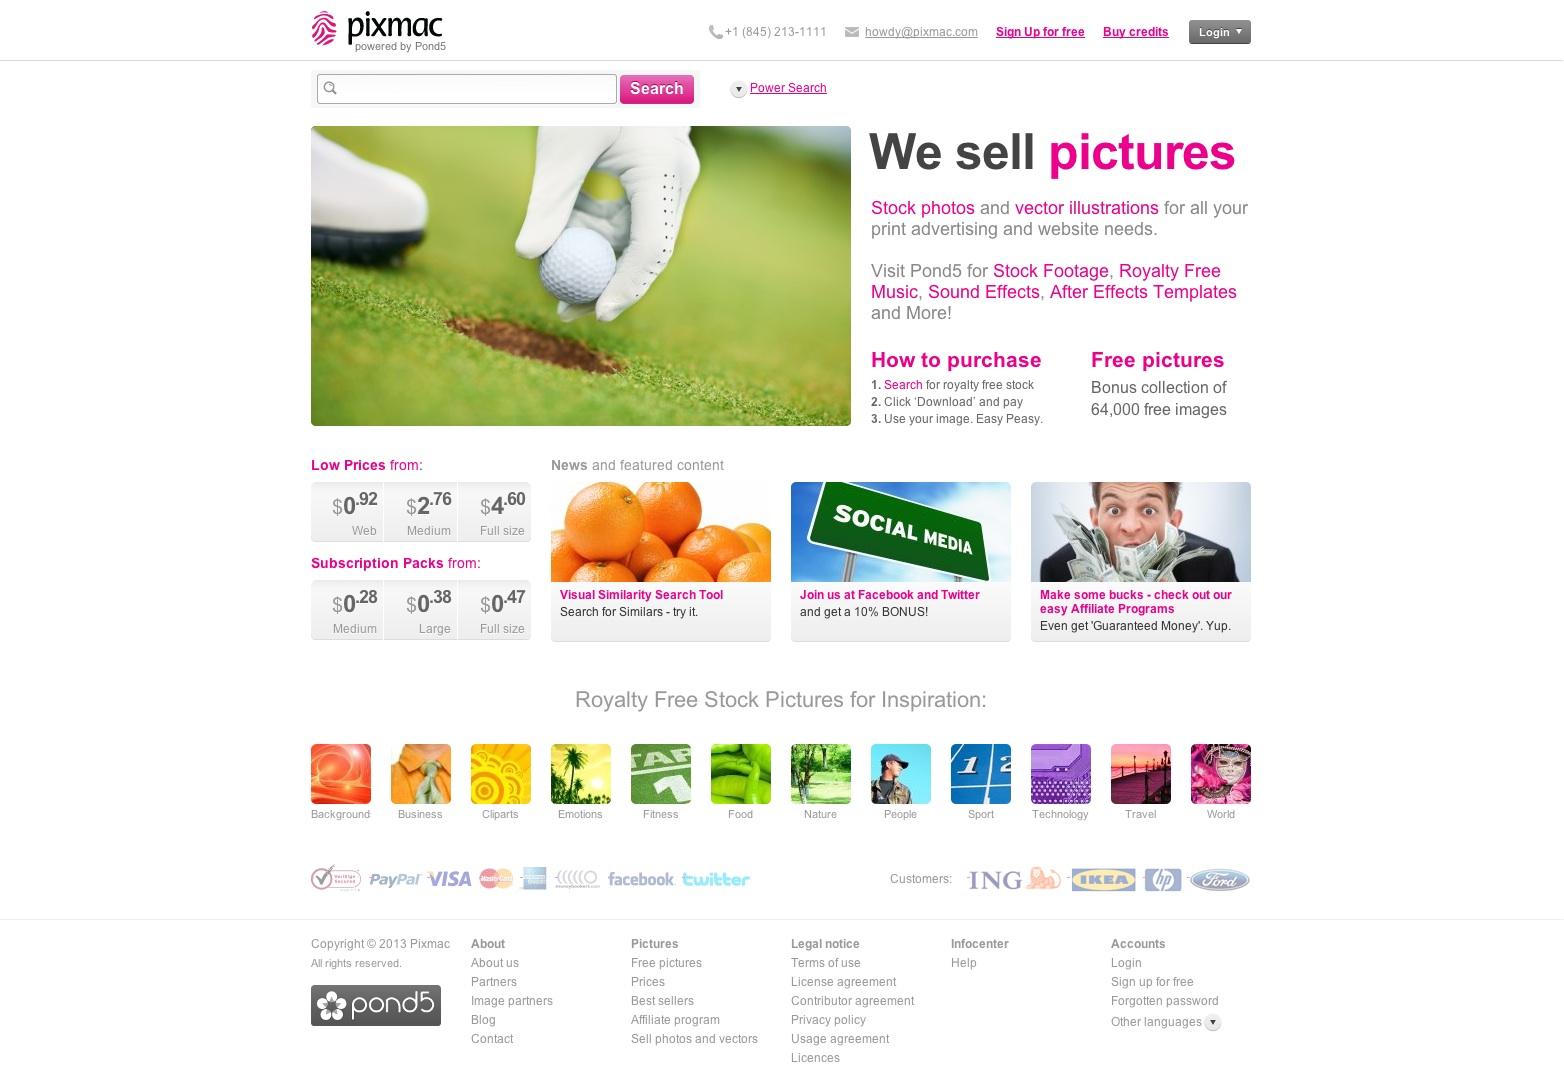 Comprar fotos de stock, imágenes y royalties | Pixmac